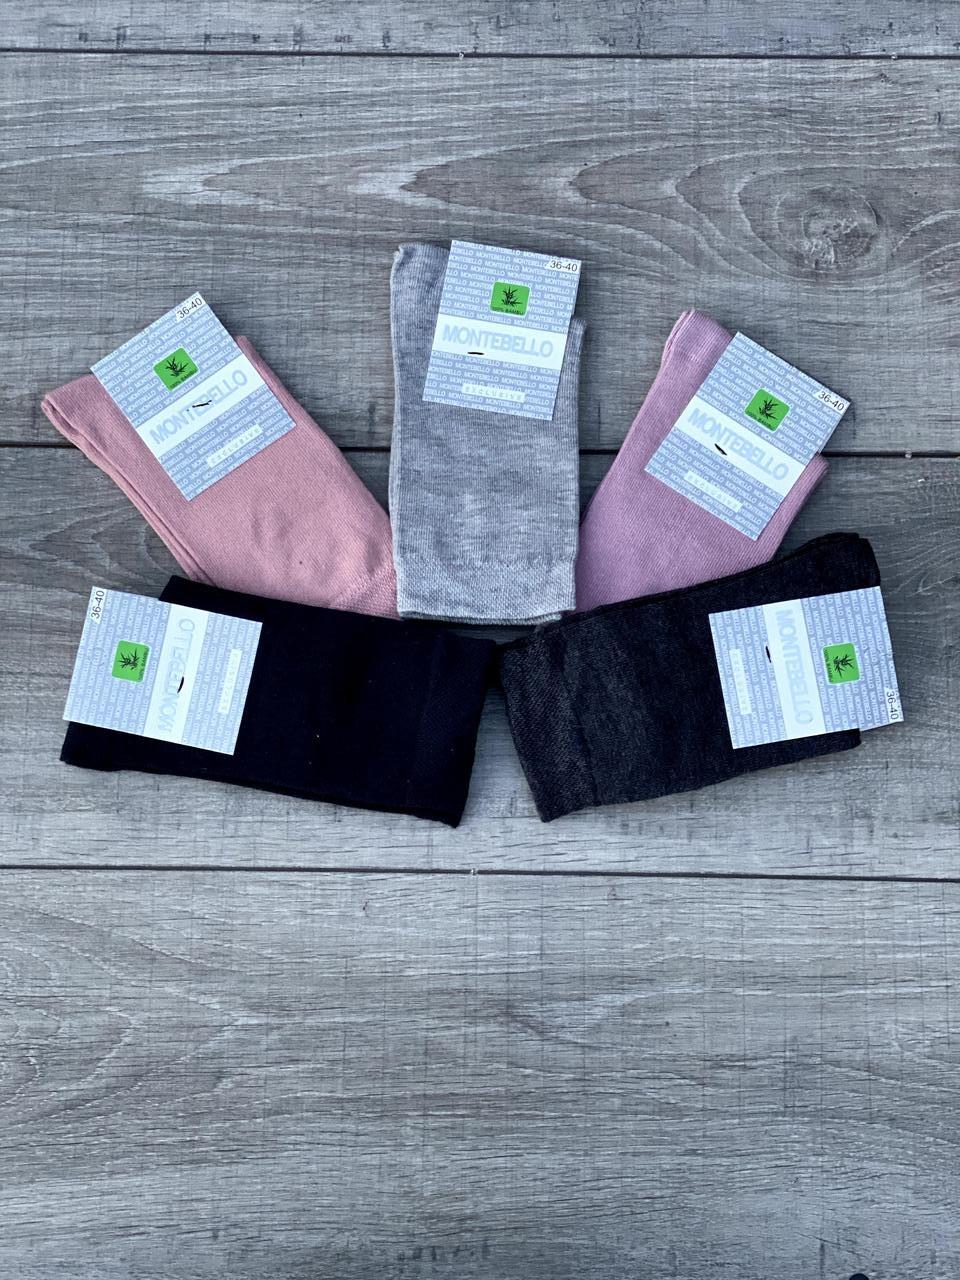 Високі жіночі носки шкарпетки стрейчеві Montebello однотонні 36-40 12 шт в уп мікс із 5-ти кольорів